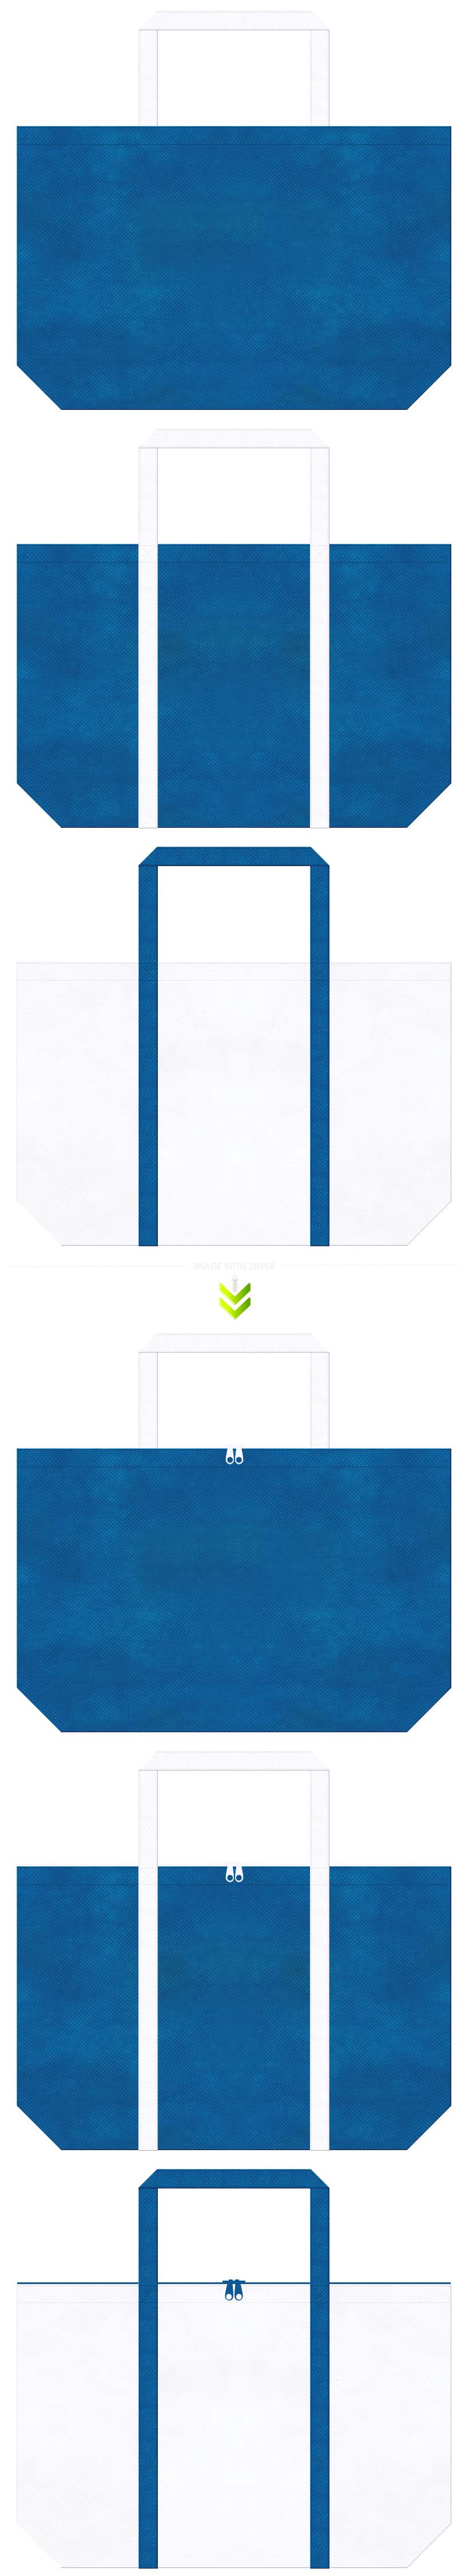 マリンイベント、クルージングツアーのバッグノベルティにお奨めのコーデ。青色と白色の不織布バッグデザイン。ビーチパラソル風。